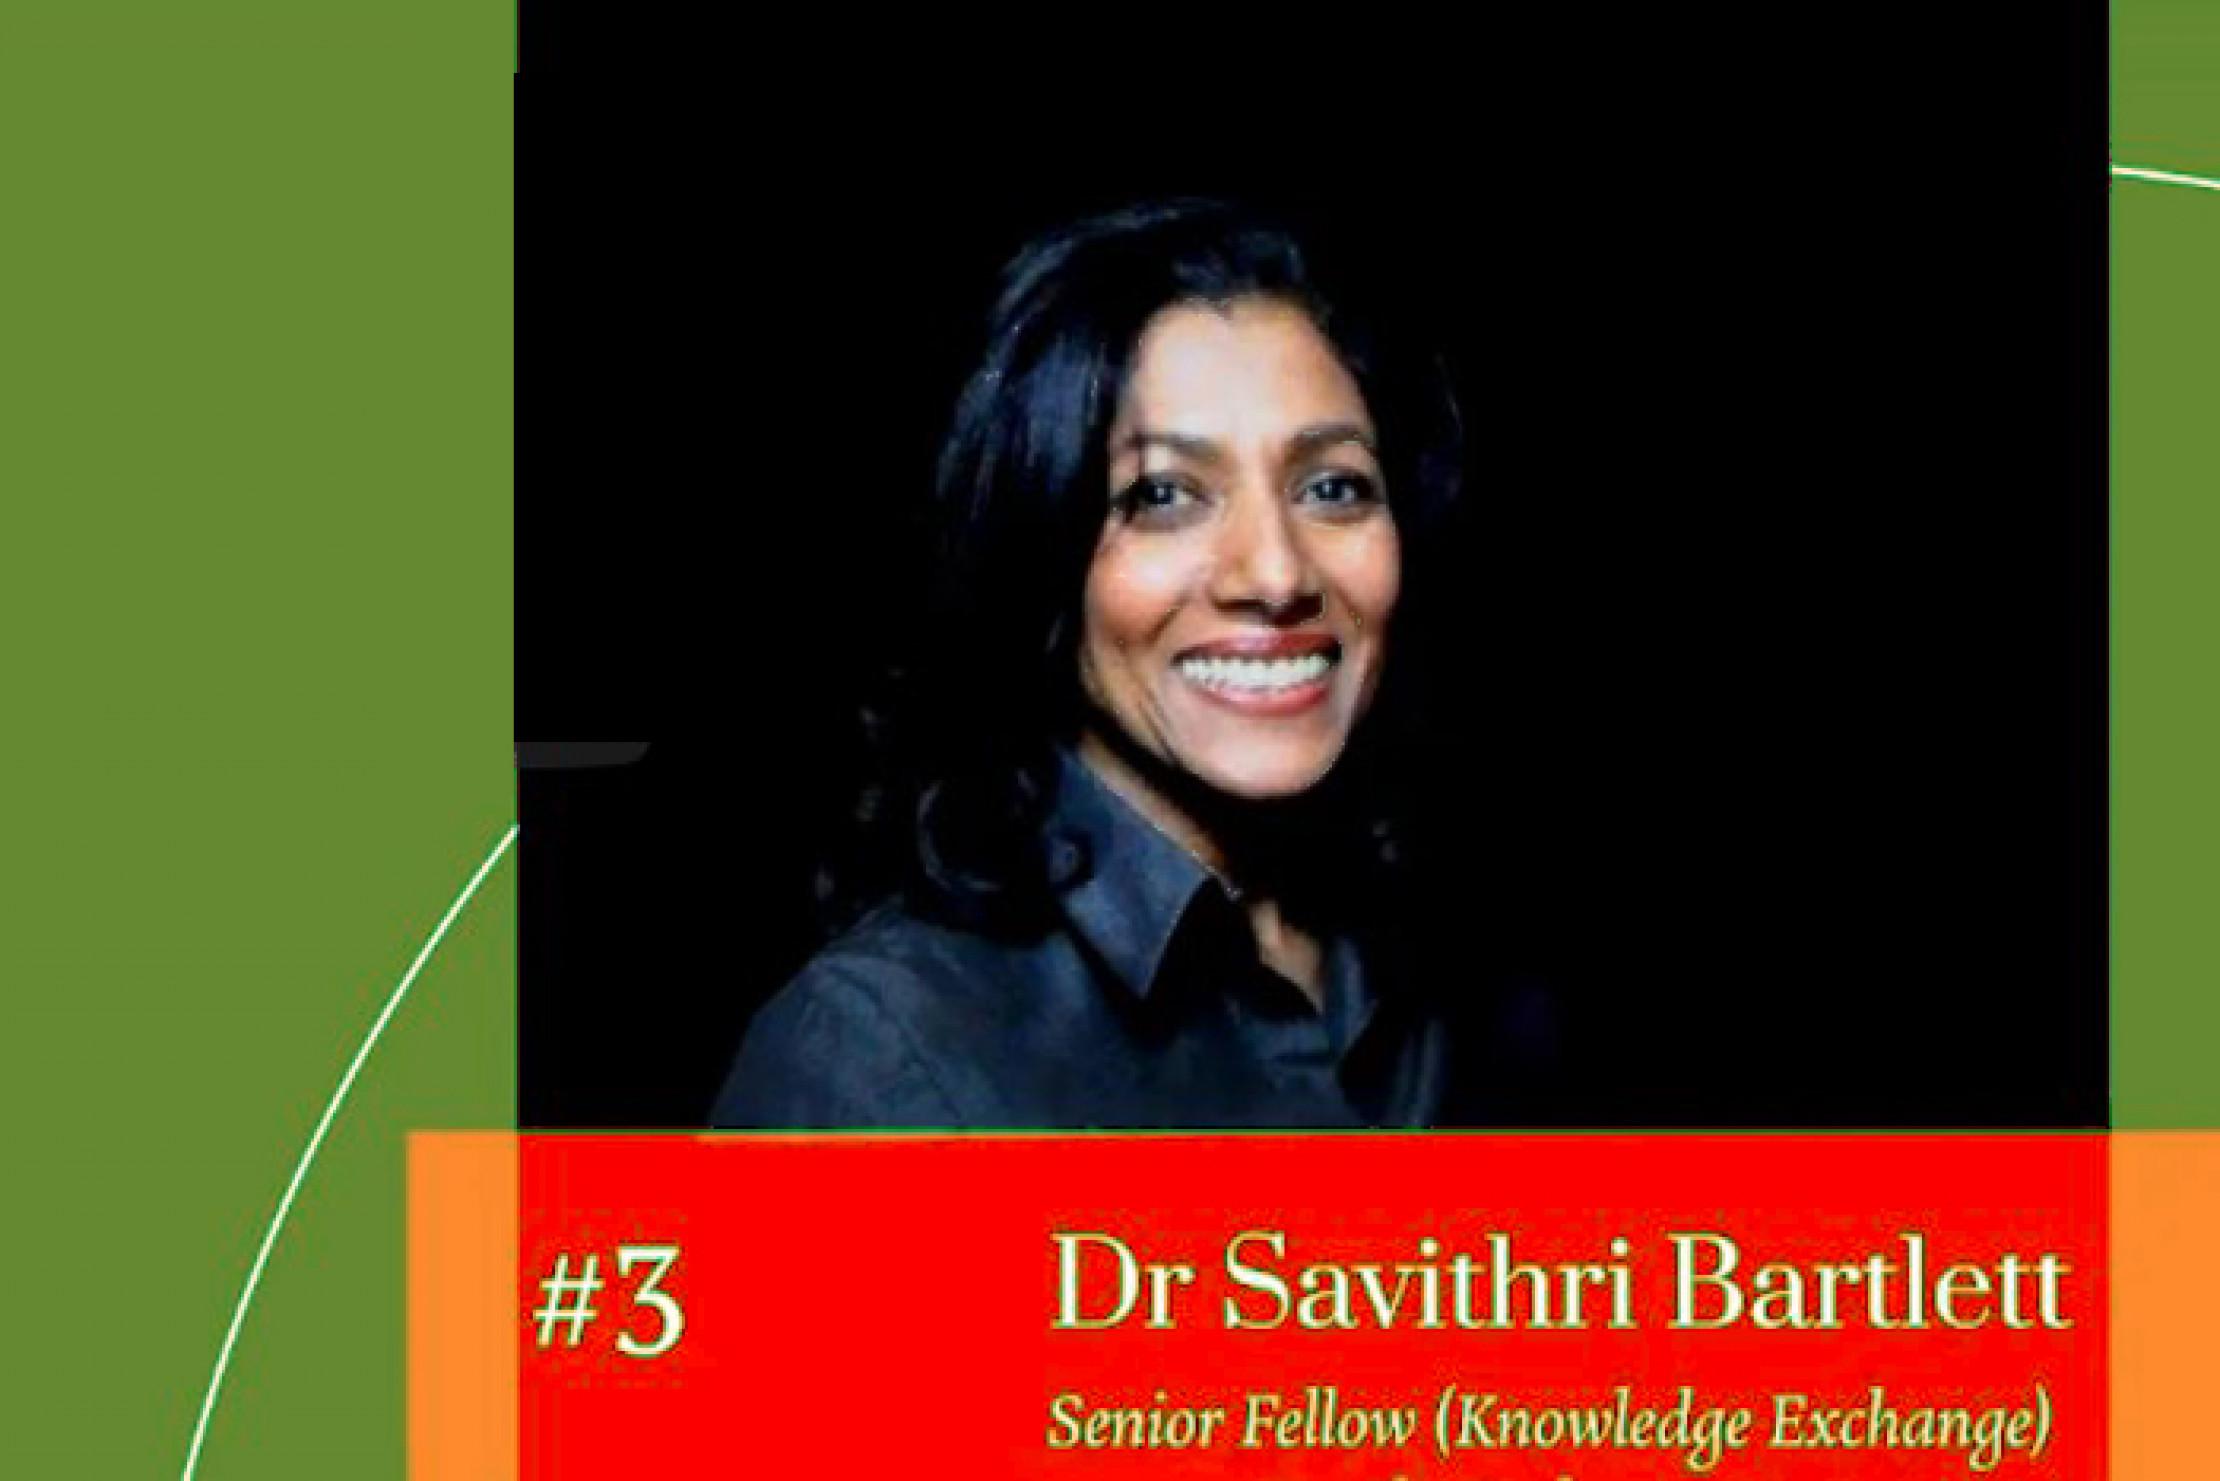 Біомімікрія, інновації для сталості | FAMIORE TimeOut епізод 3 з докторкою Савітрі Бартлетт